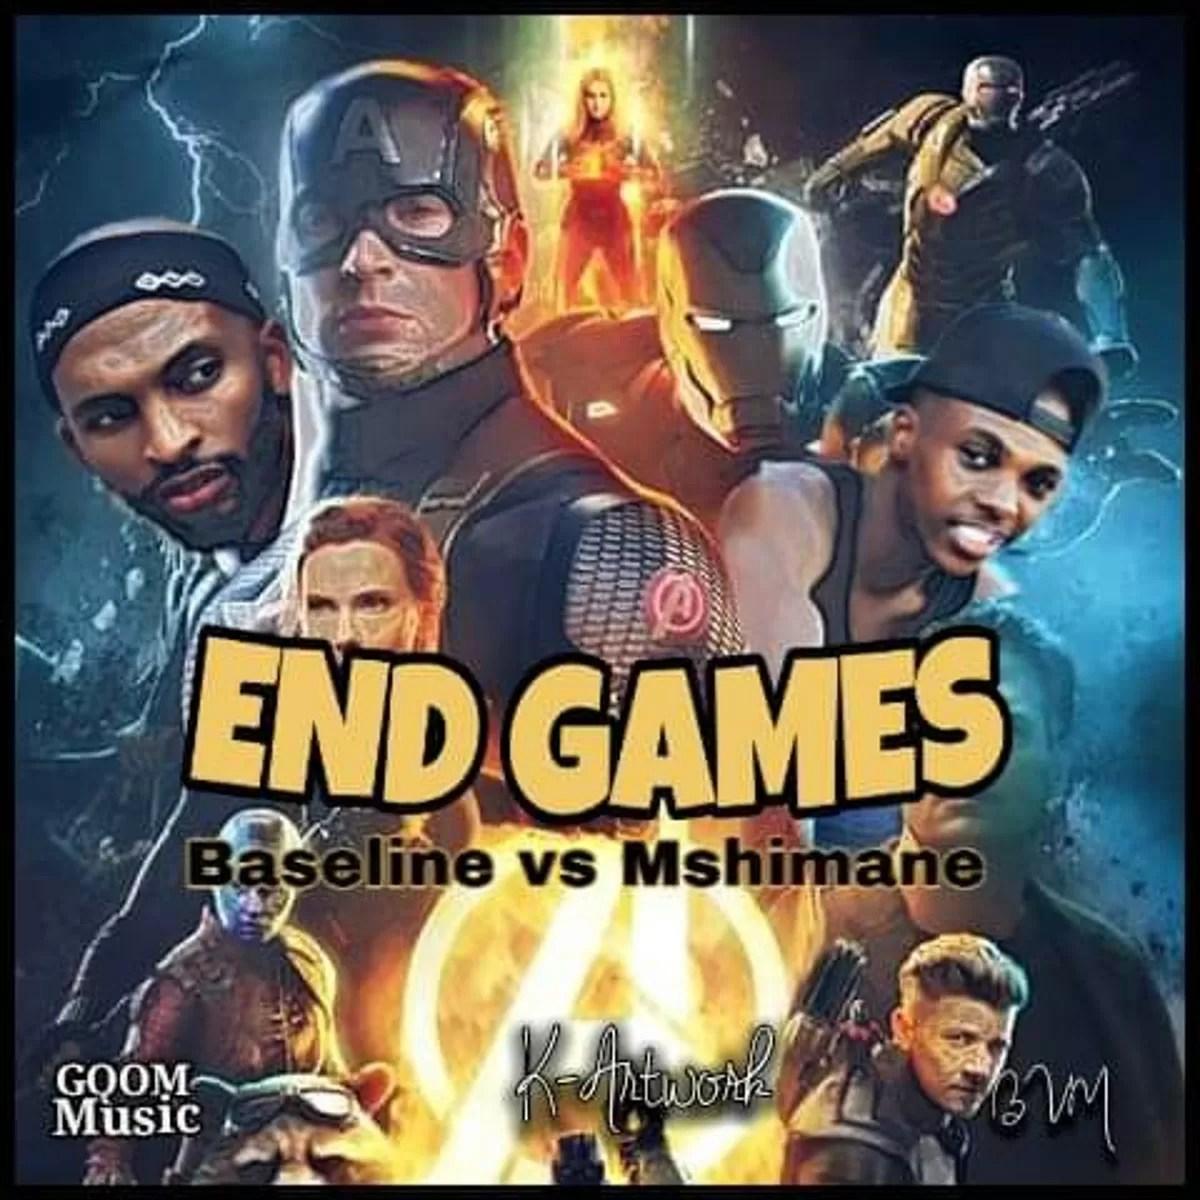 Baseline vs Mshimane - End Games